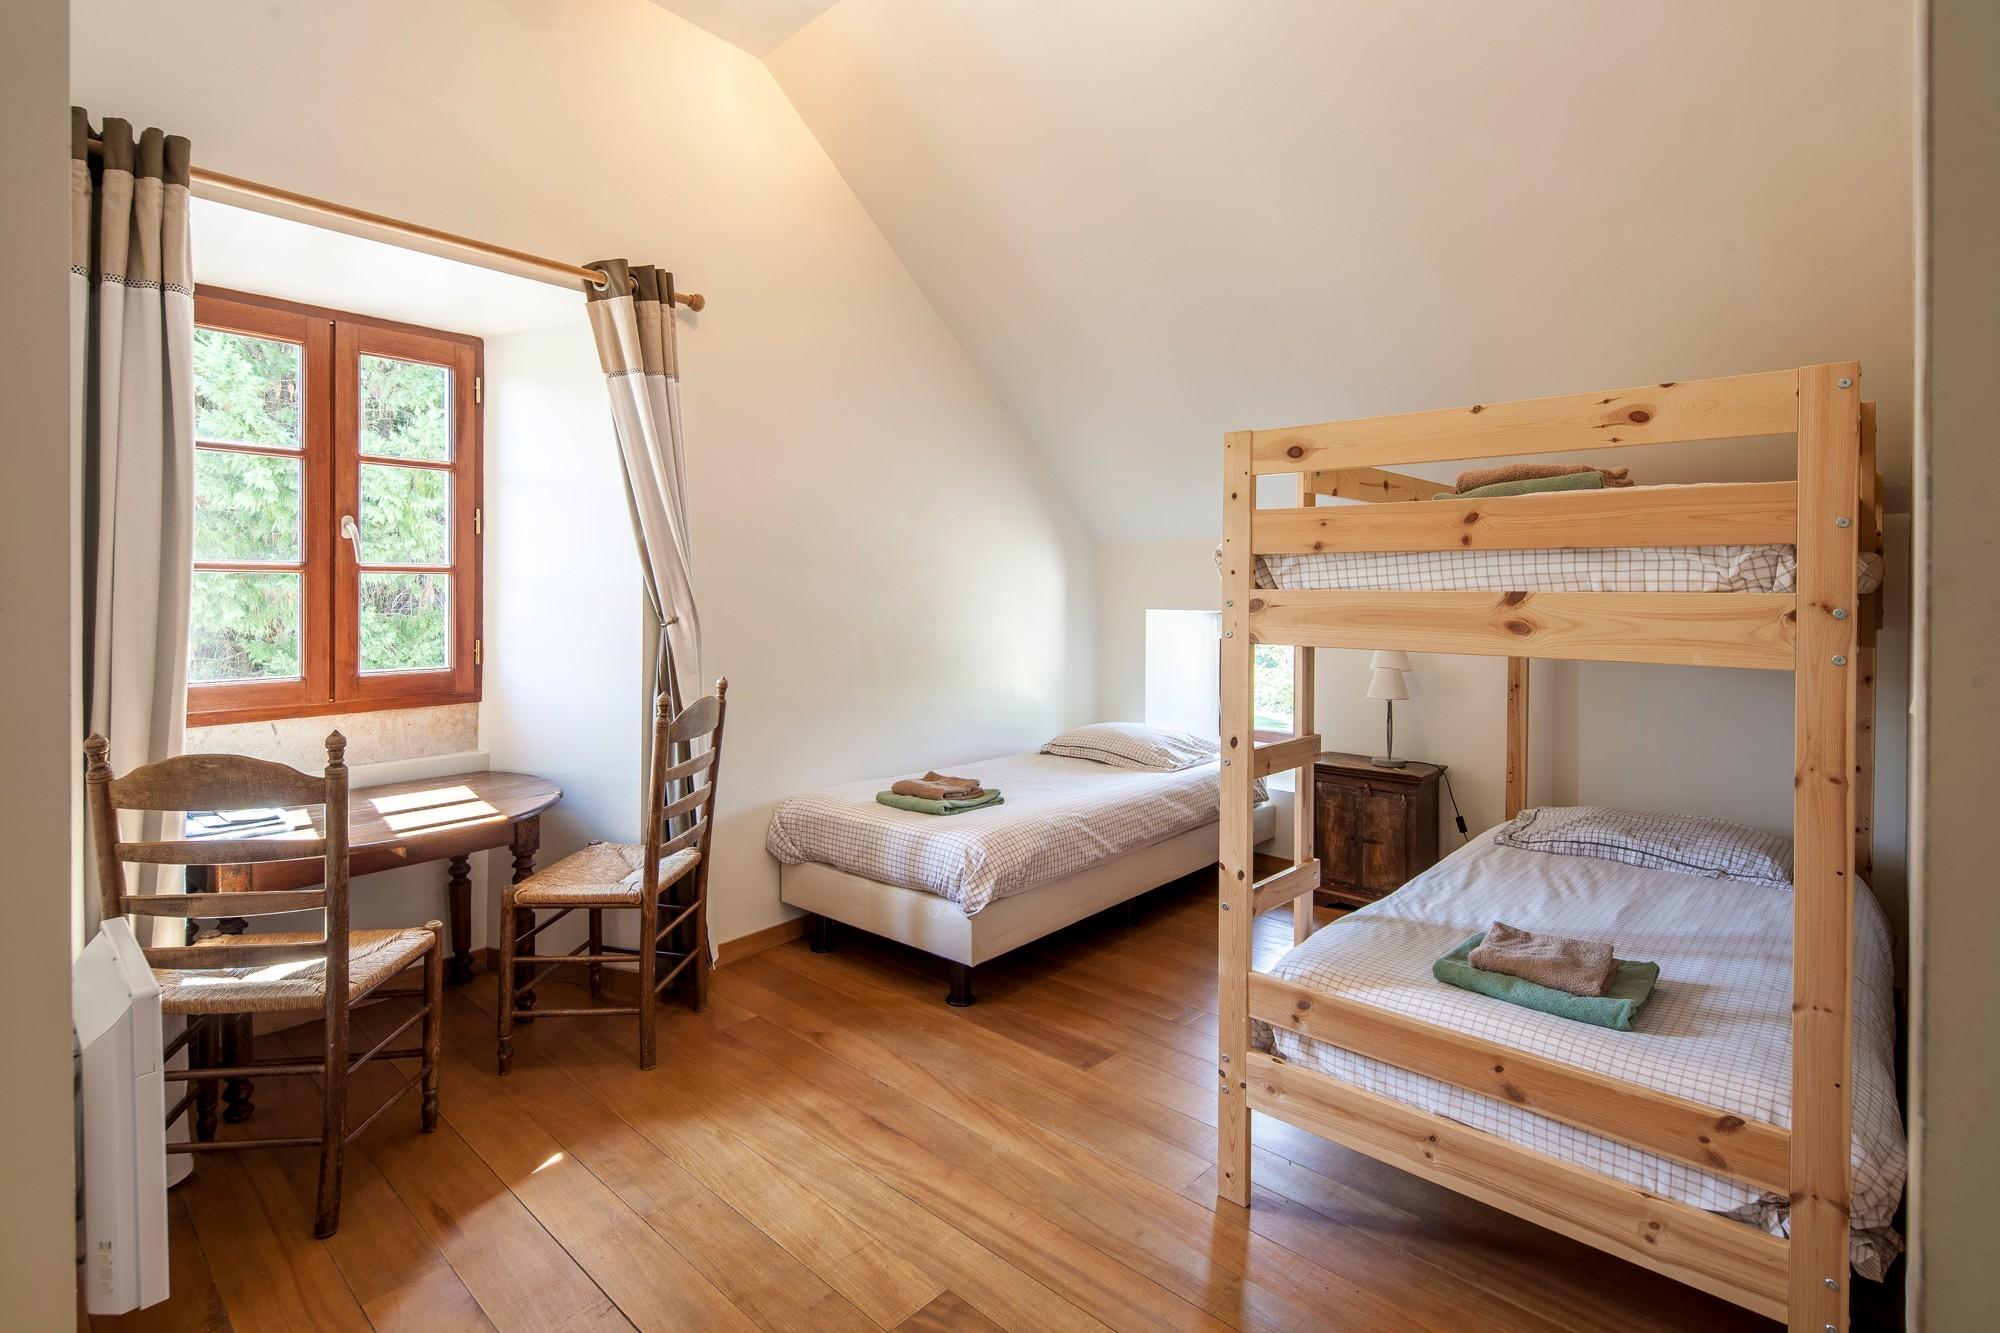 Kamer 2 – kinderslaapkamer 3 bedden